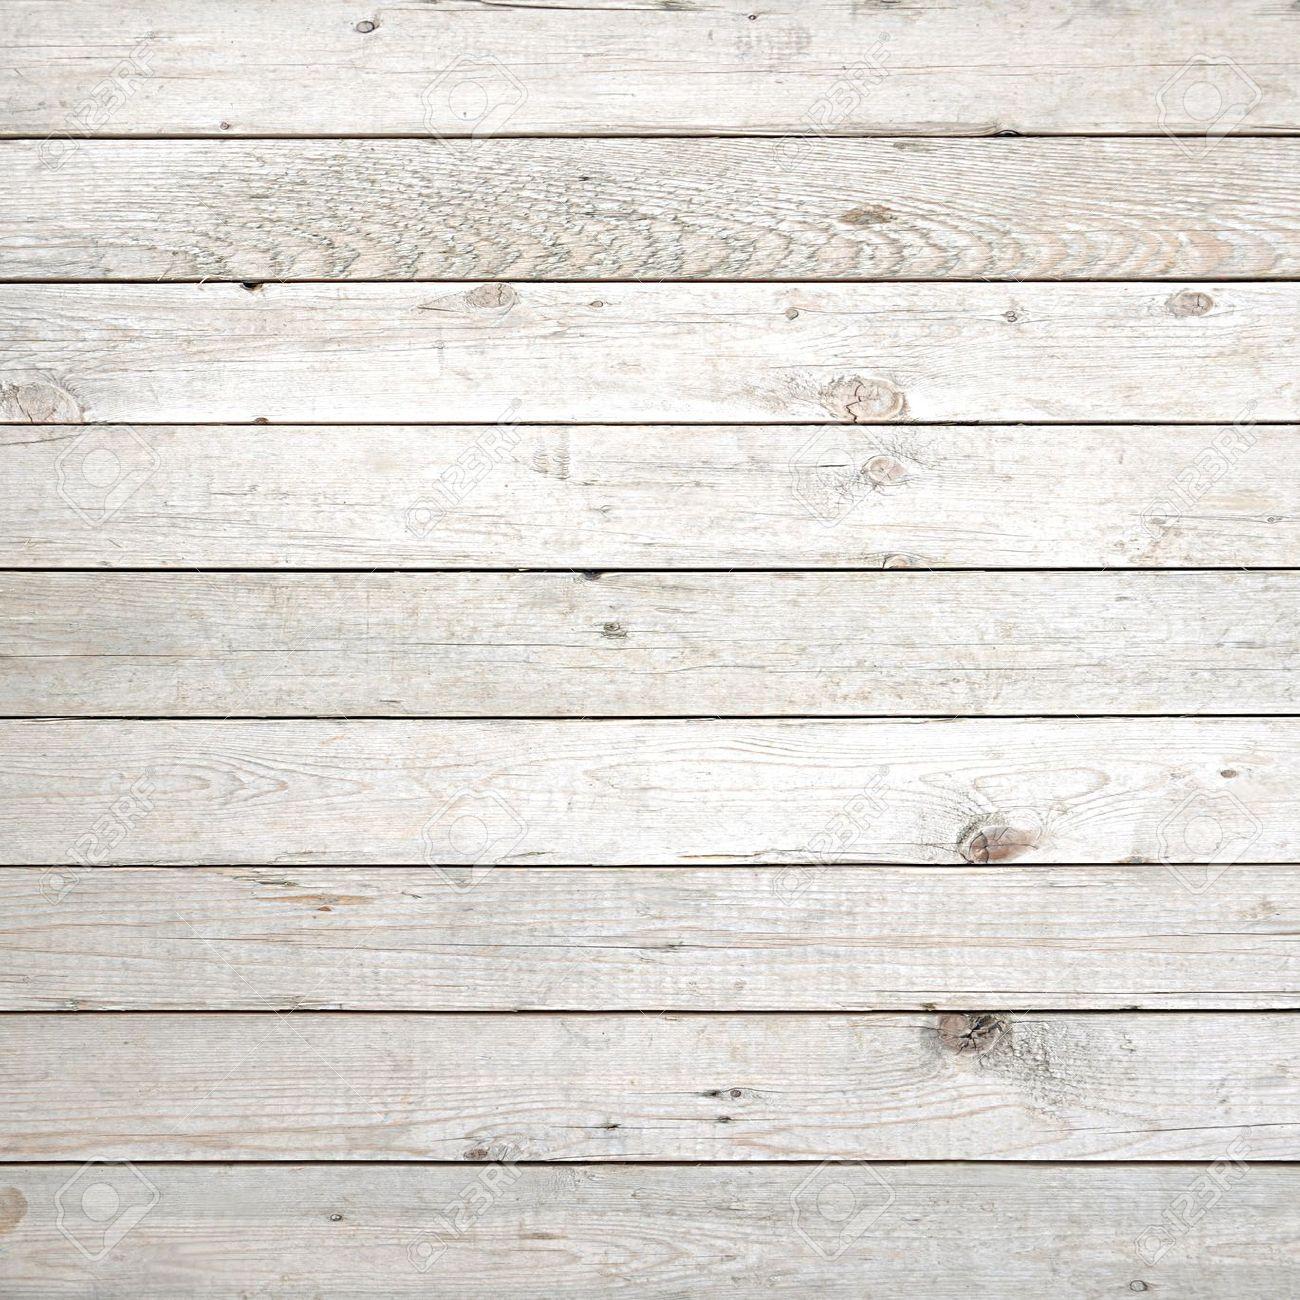 Parkett textur grau  Holz Textur Hintergrund Lizenzfreie Fotos, Bilder Und Stock ...